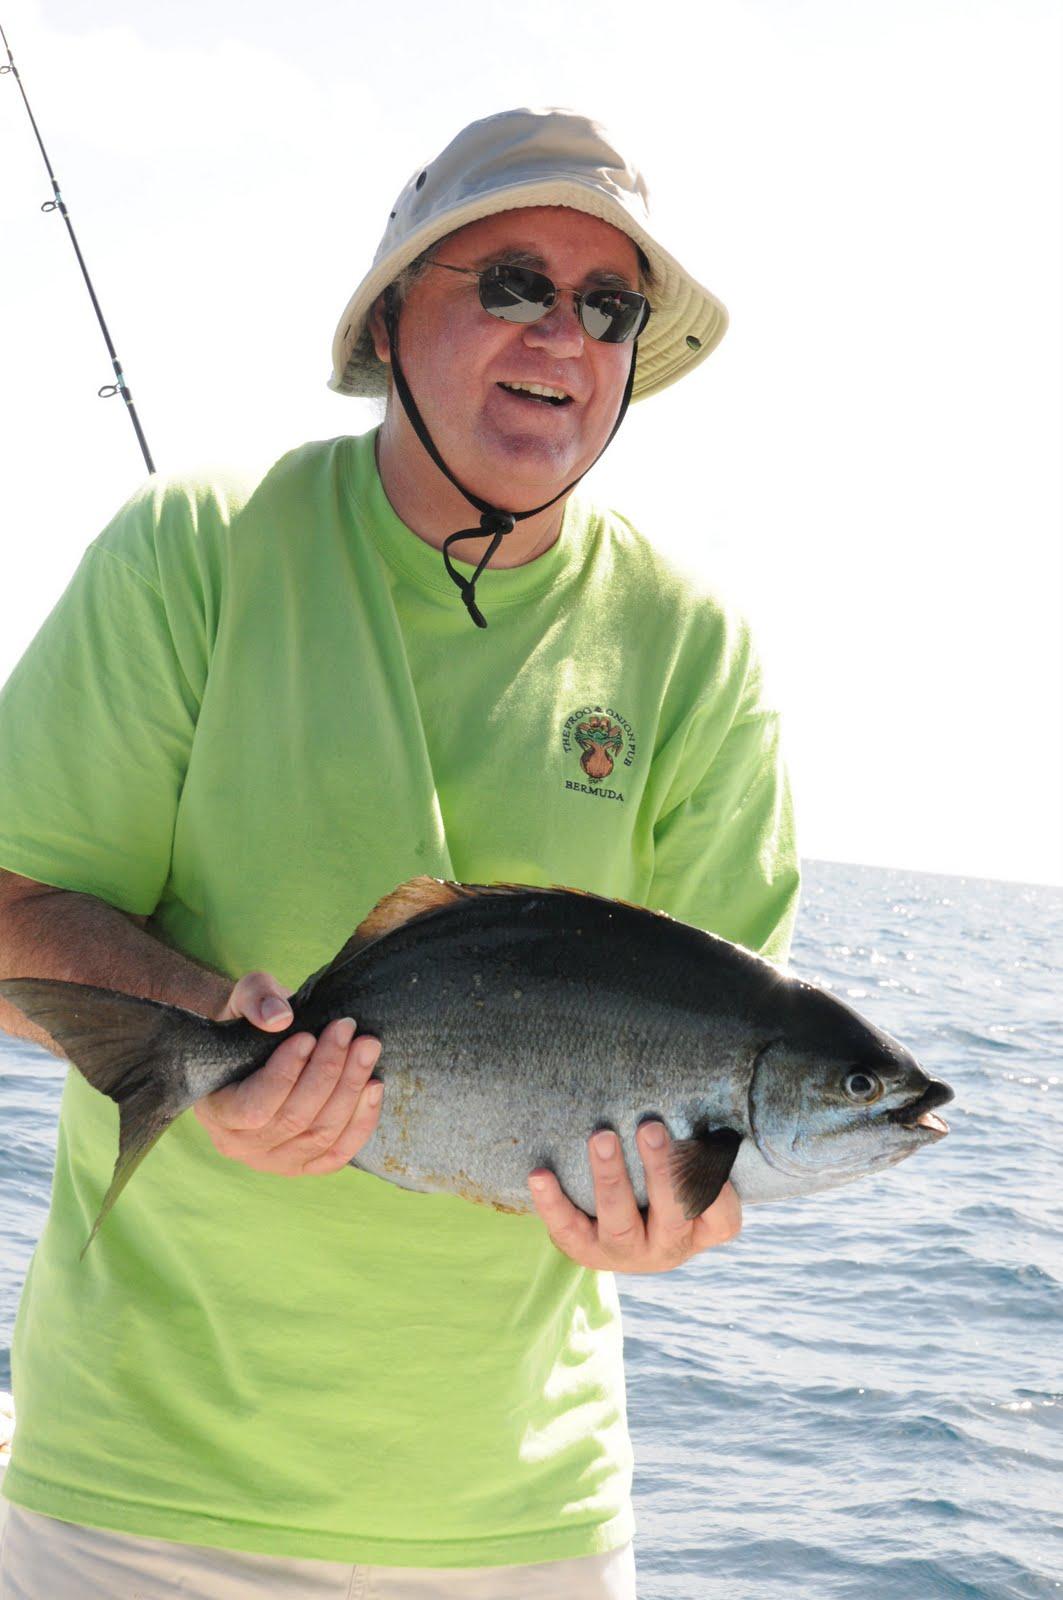 http://1.bp.blogspot.com/_kgGo1NvNUyY/TD4mWR-TyLI/AAAAAAAAAVY/KmvtztpJKvU/s1600/bermuda-fish-2002.jpg